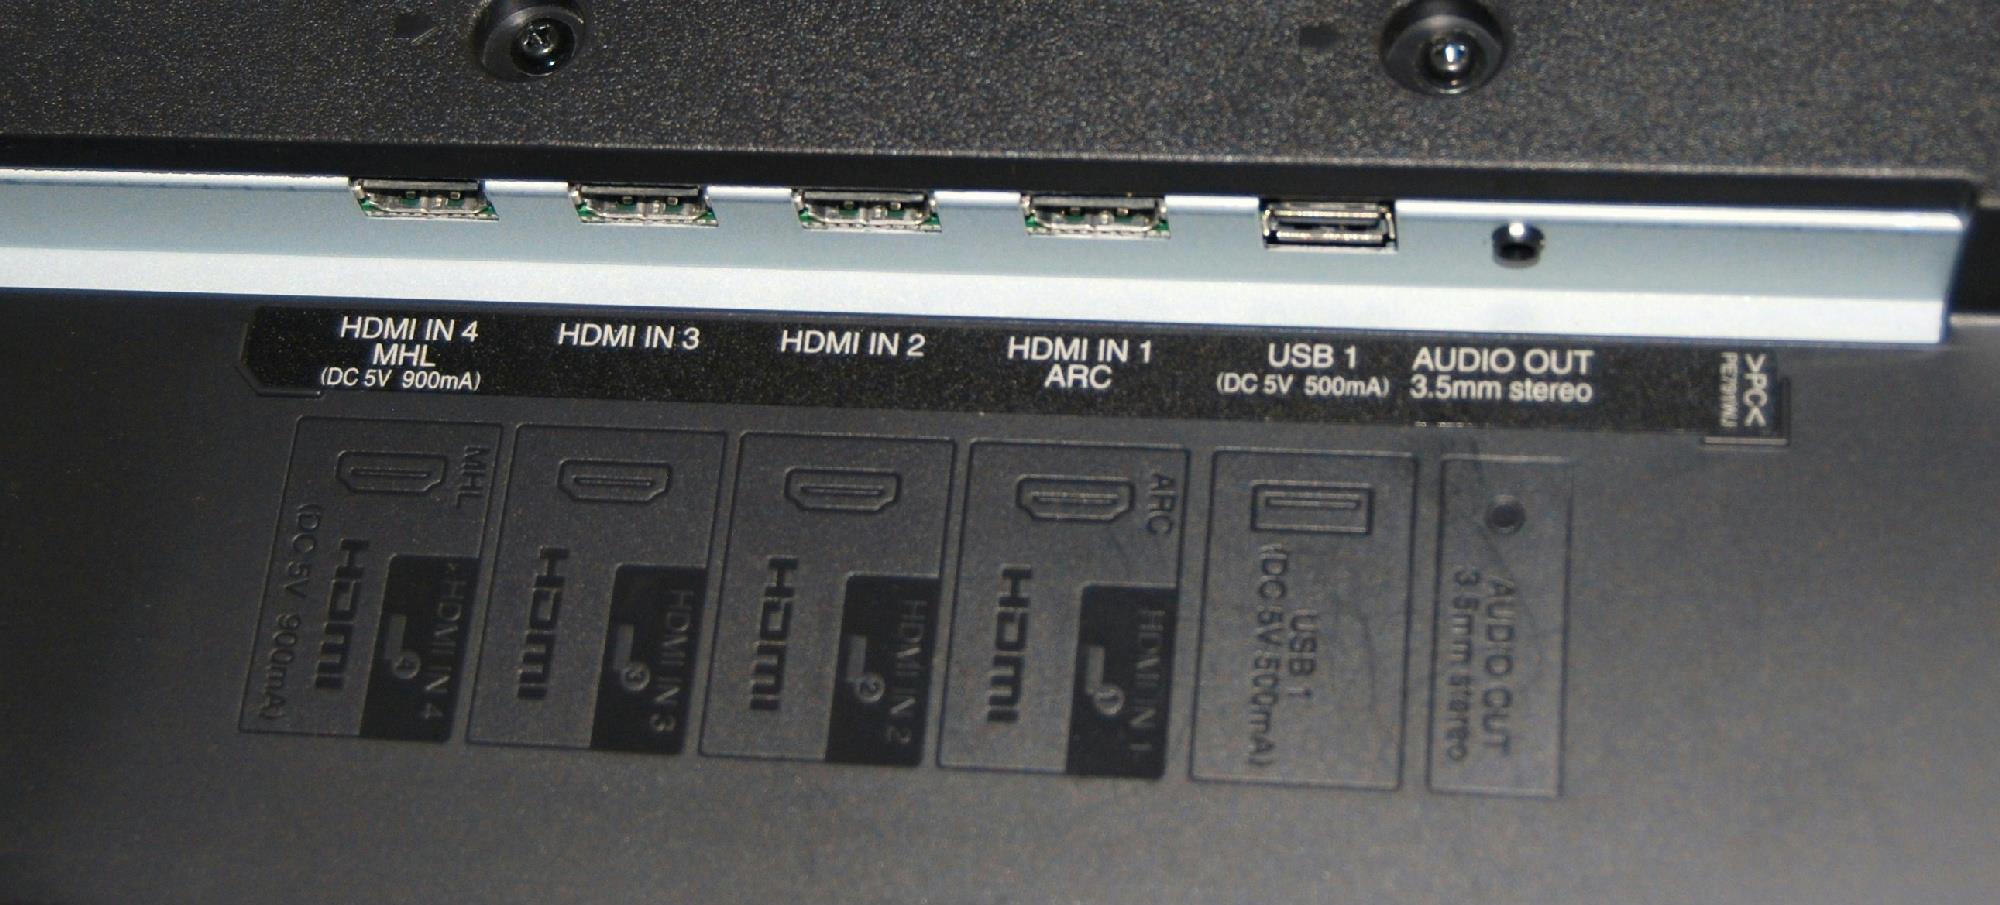 """Details about Sharp AQUOS LC-60LE832U 60"""" 1080P Quattron LED-ATSC TV"""